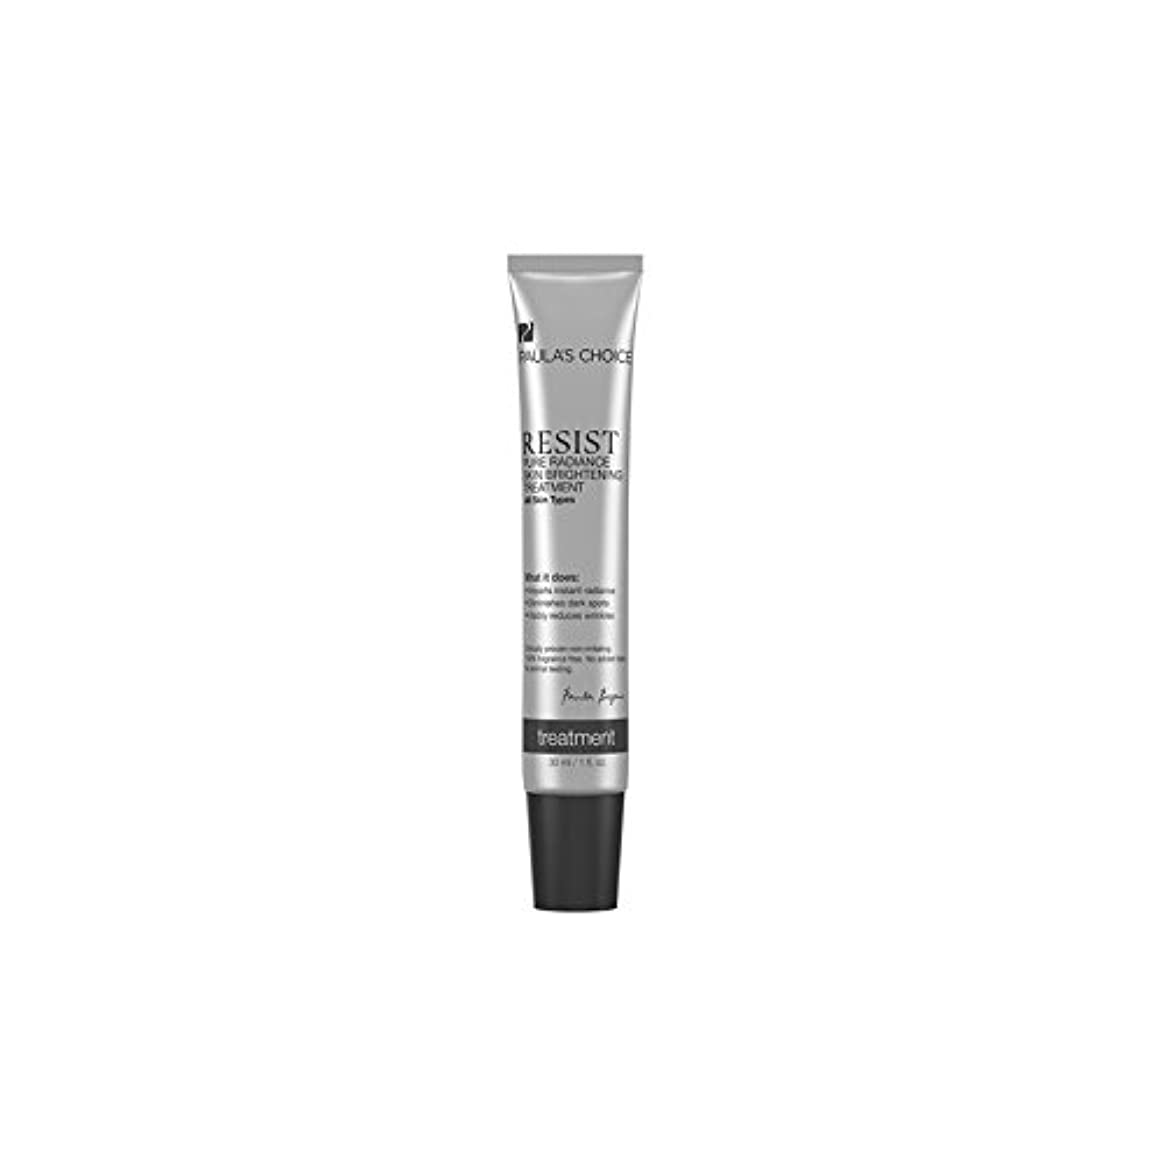 認知入る拍車Paula's Choice Resist Pure Radiance Skin Brightening Treatment (30ml) - ポーラチョイスは純粋な輝き肌ブライトニングトリートメント(30ミリリットル)を抵抗します [並行輸入品]